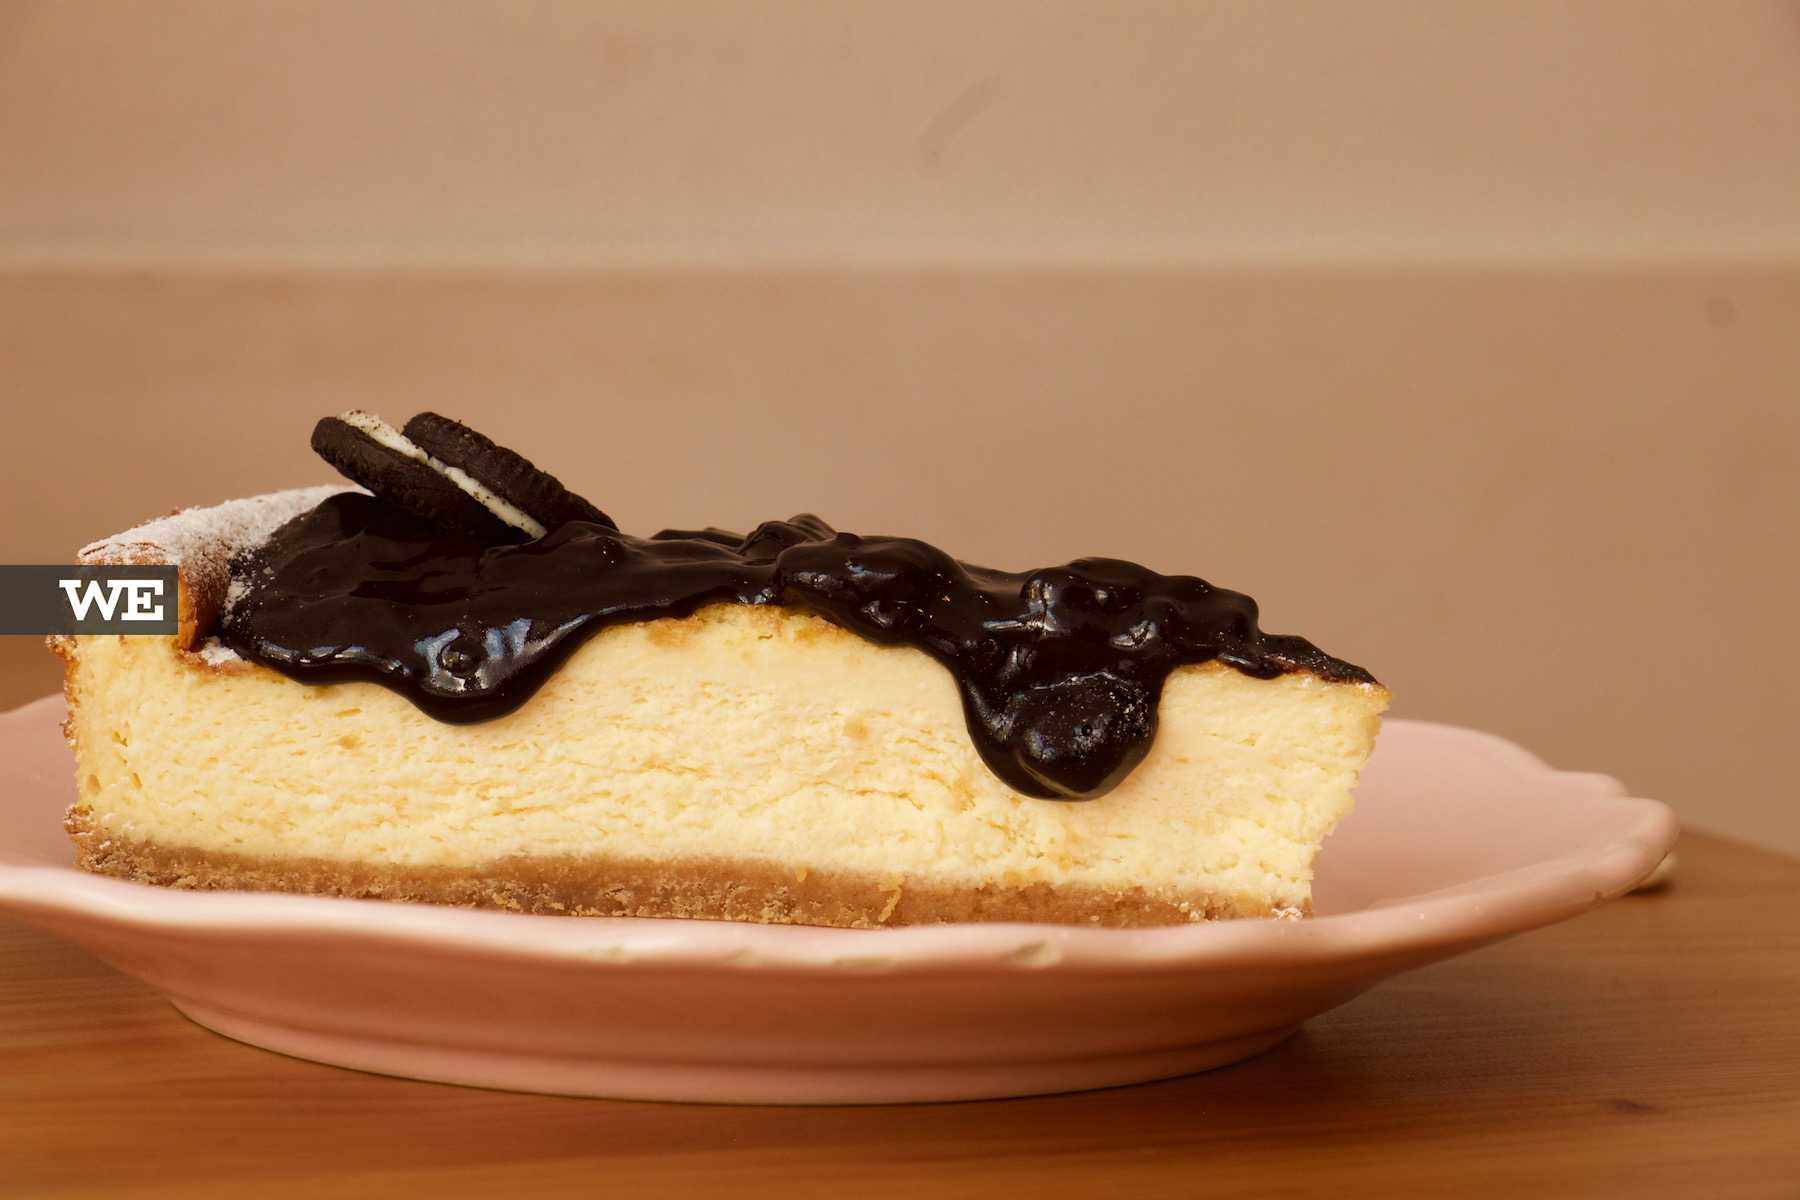 we-braga-cheesecake-story